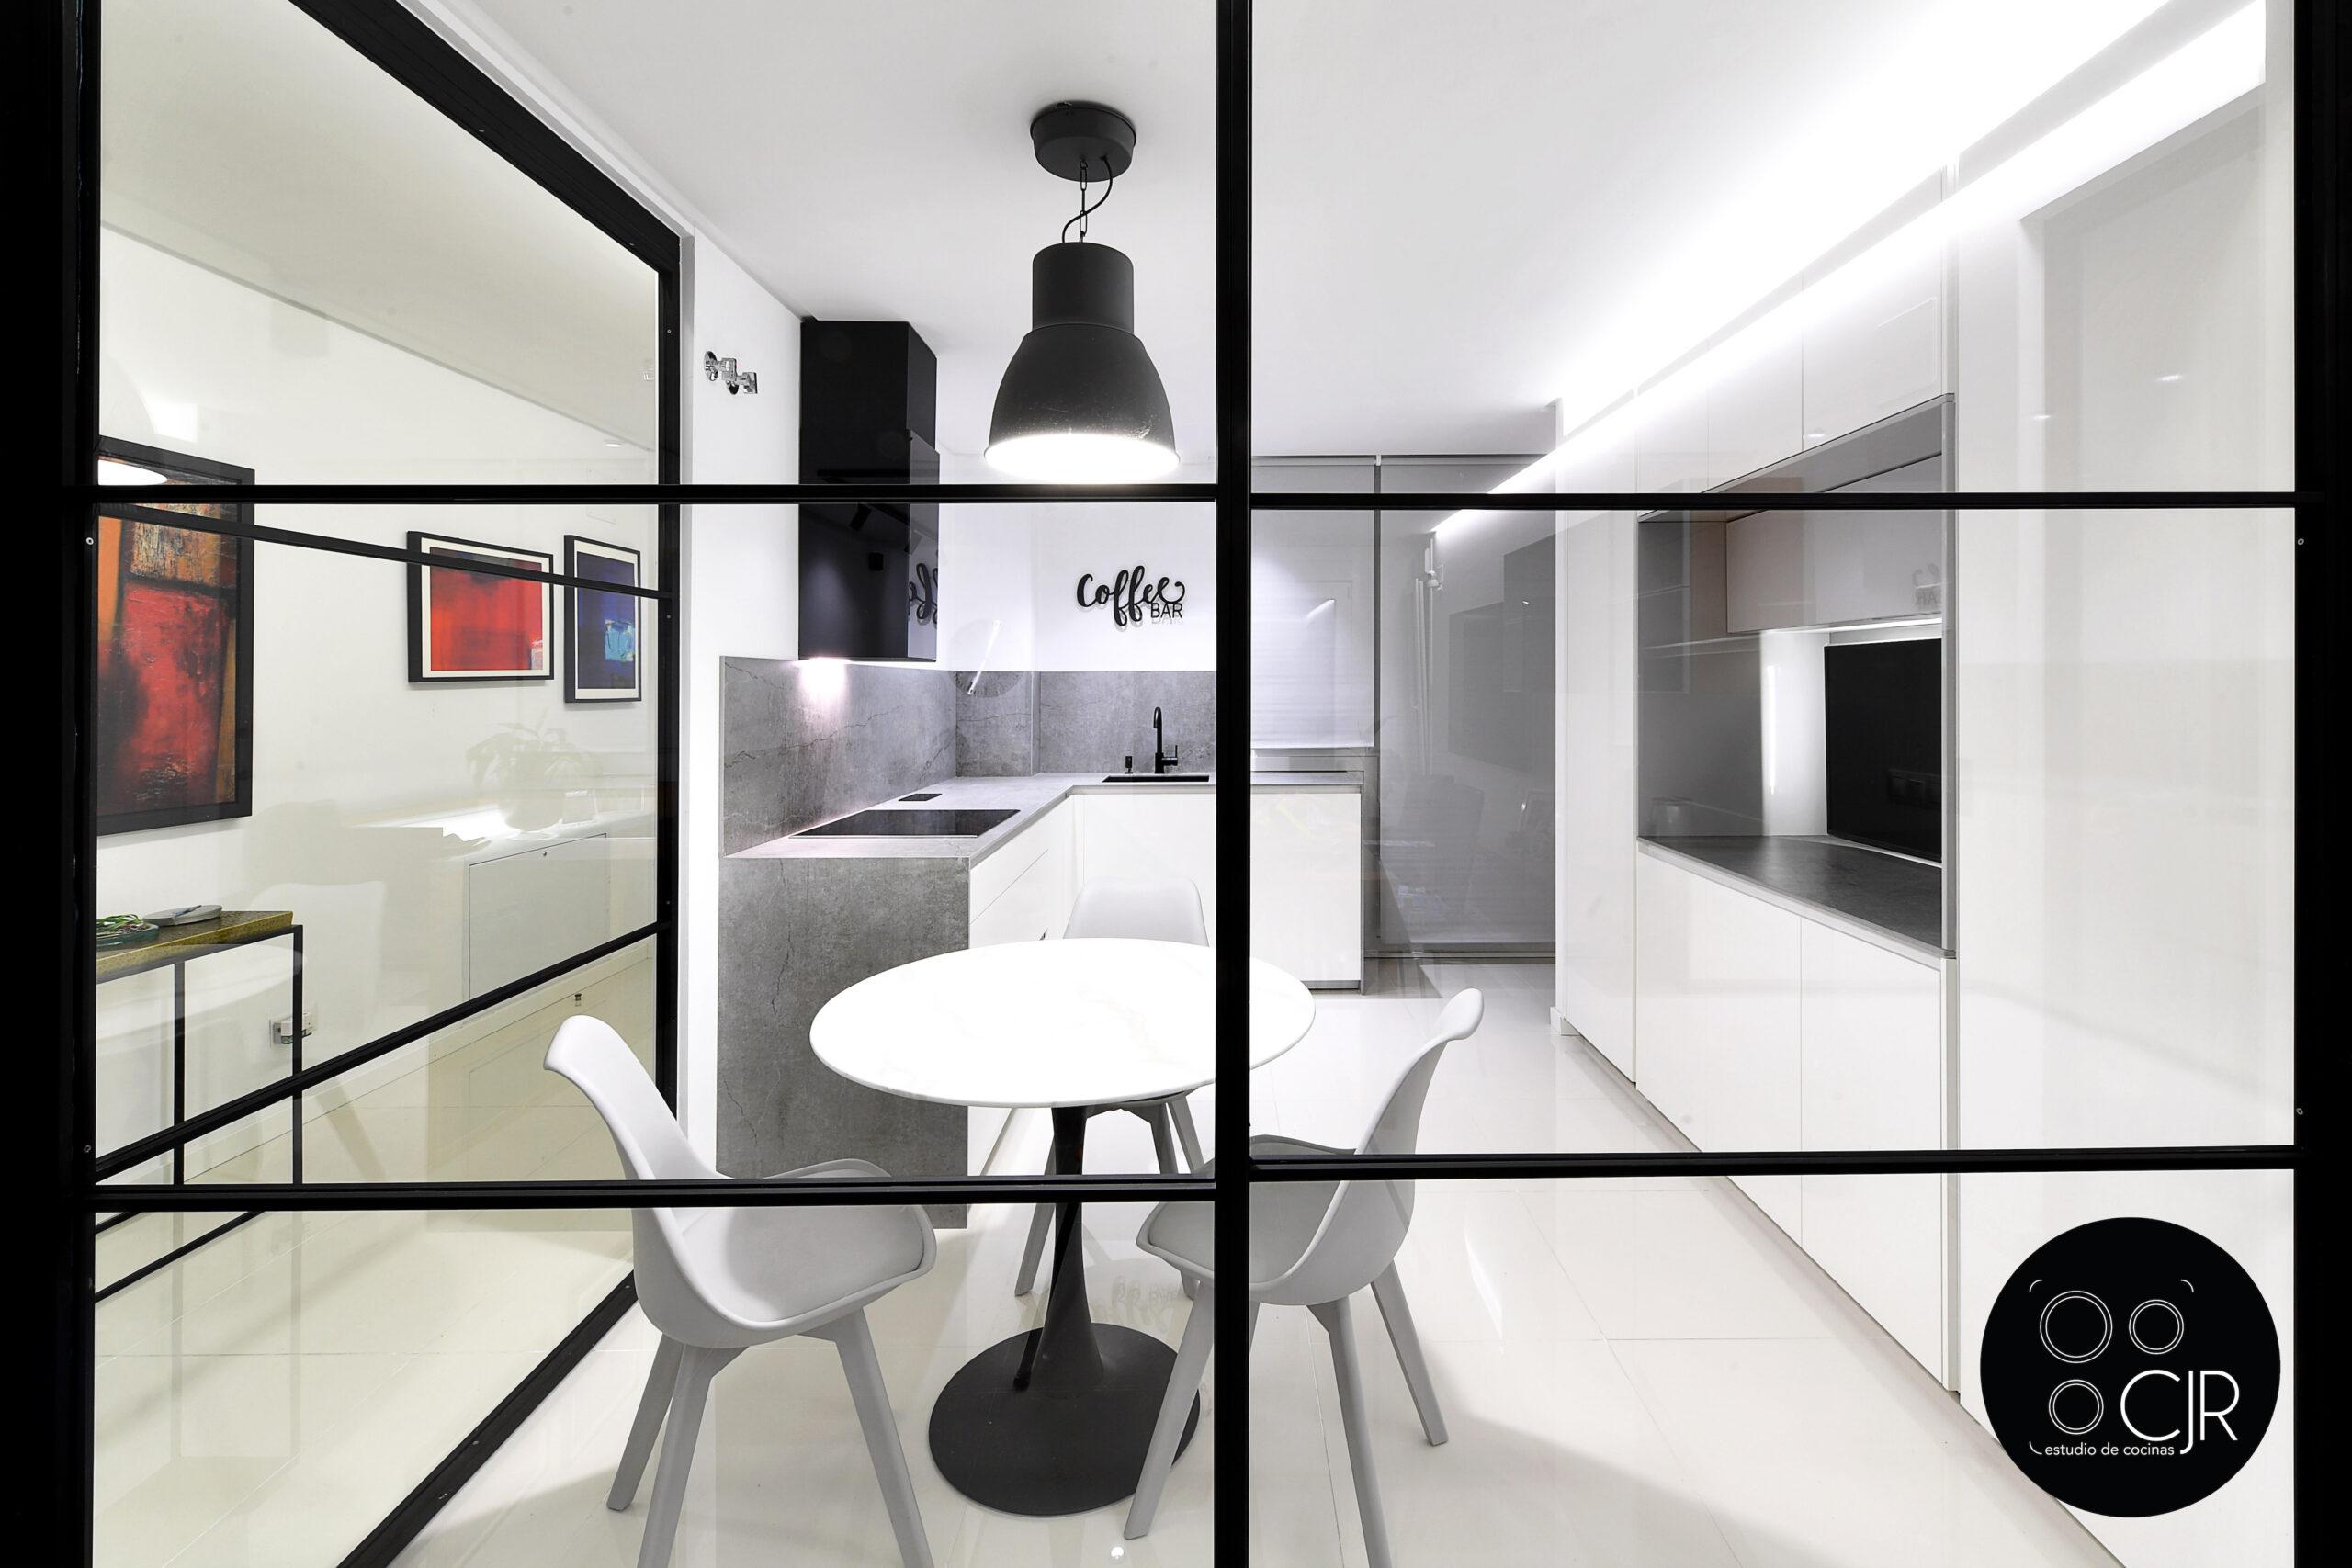 Vista exterior acritalamiento de la cocina blanca con encimera gris marengo